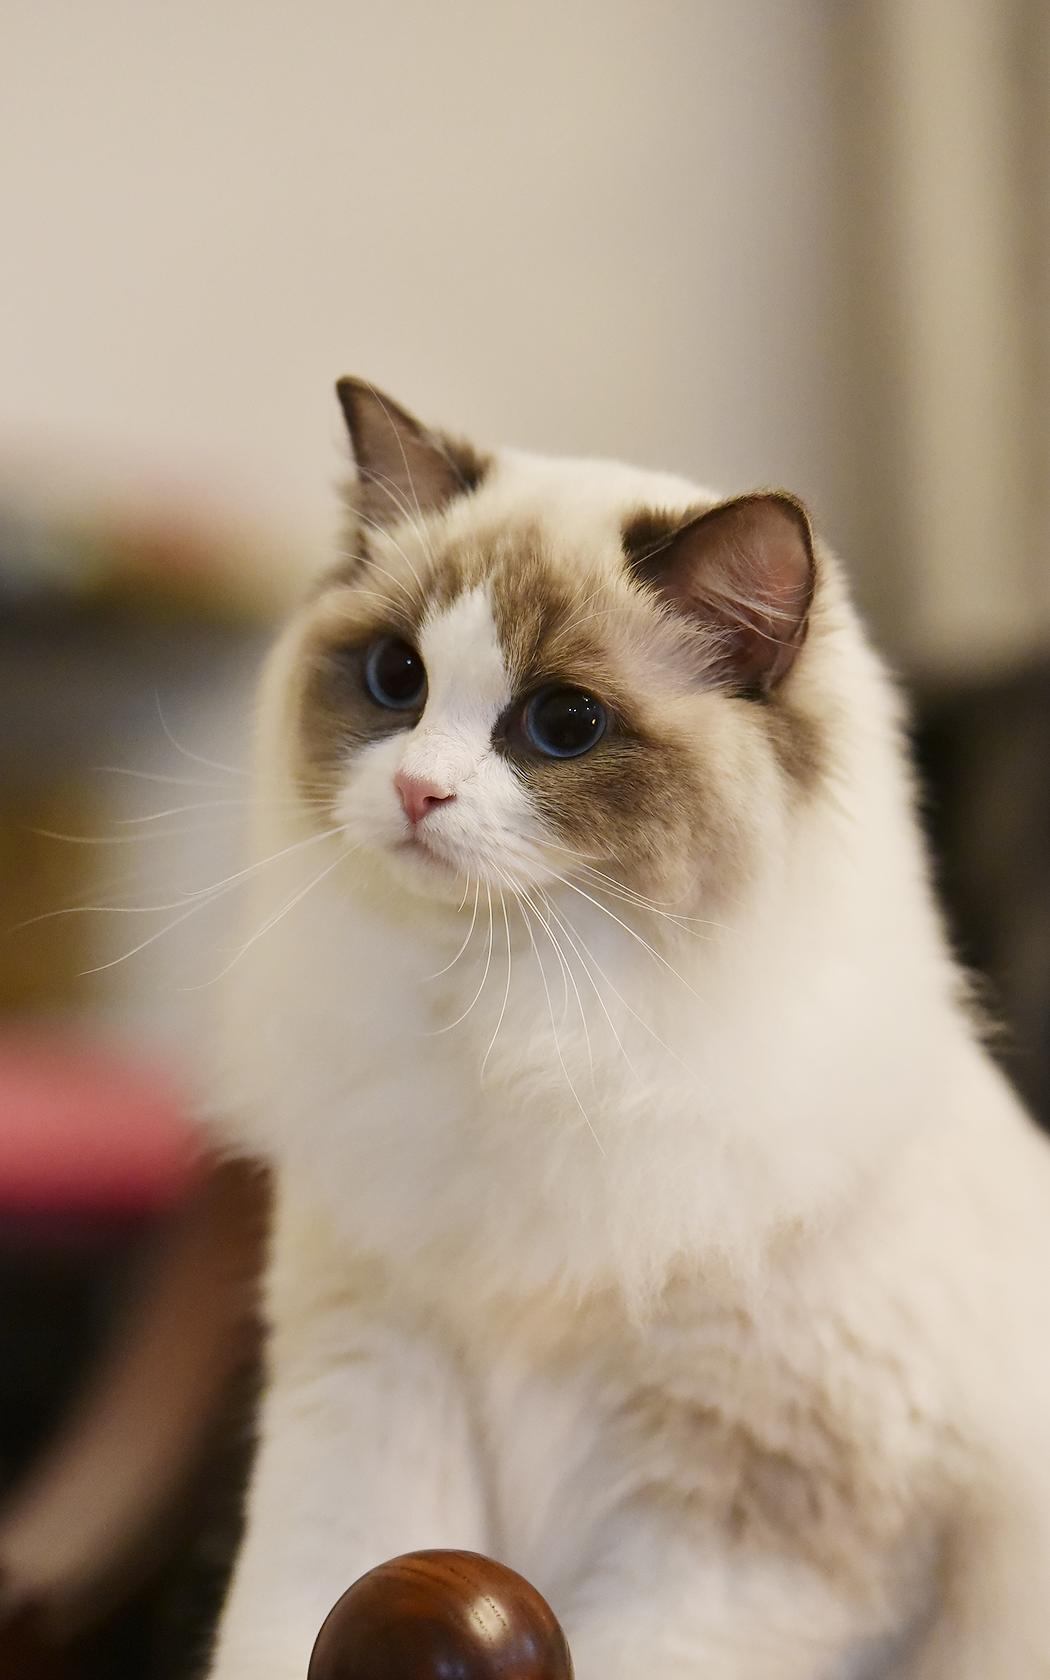 摄影作品网_布偶猫-chloe|摄影|动物|一猫爪拍死你 - 原创作品 - 站酷 (ZCOOL)